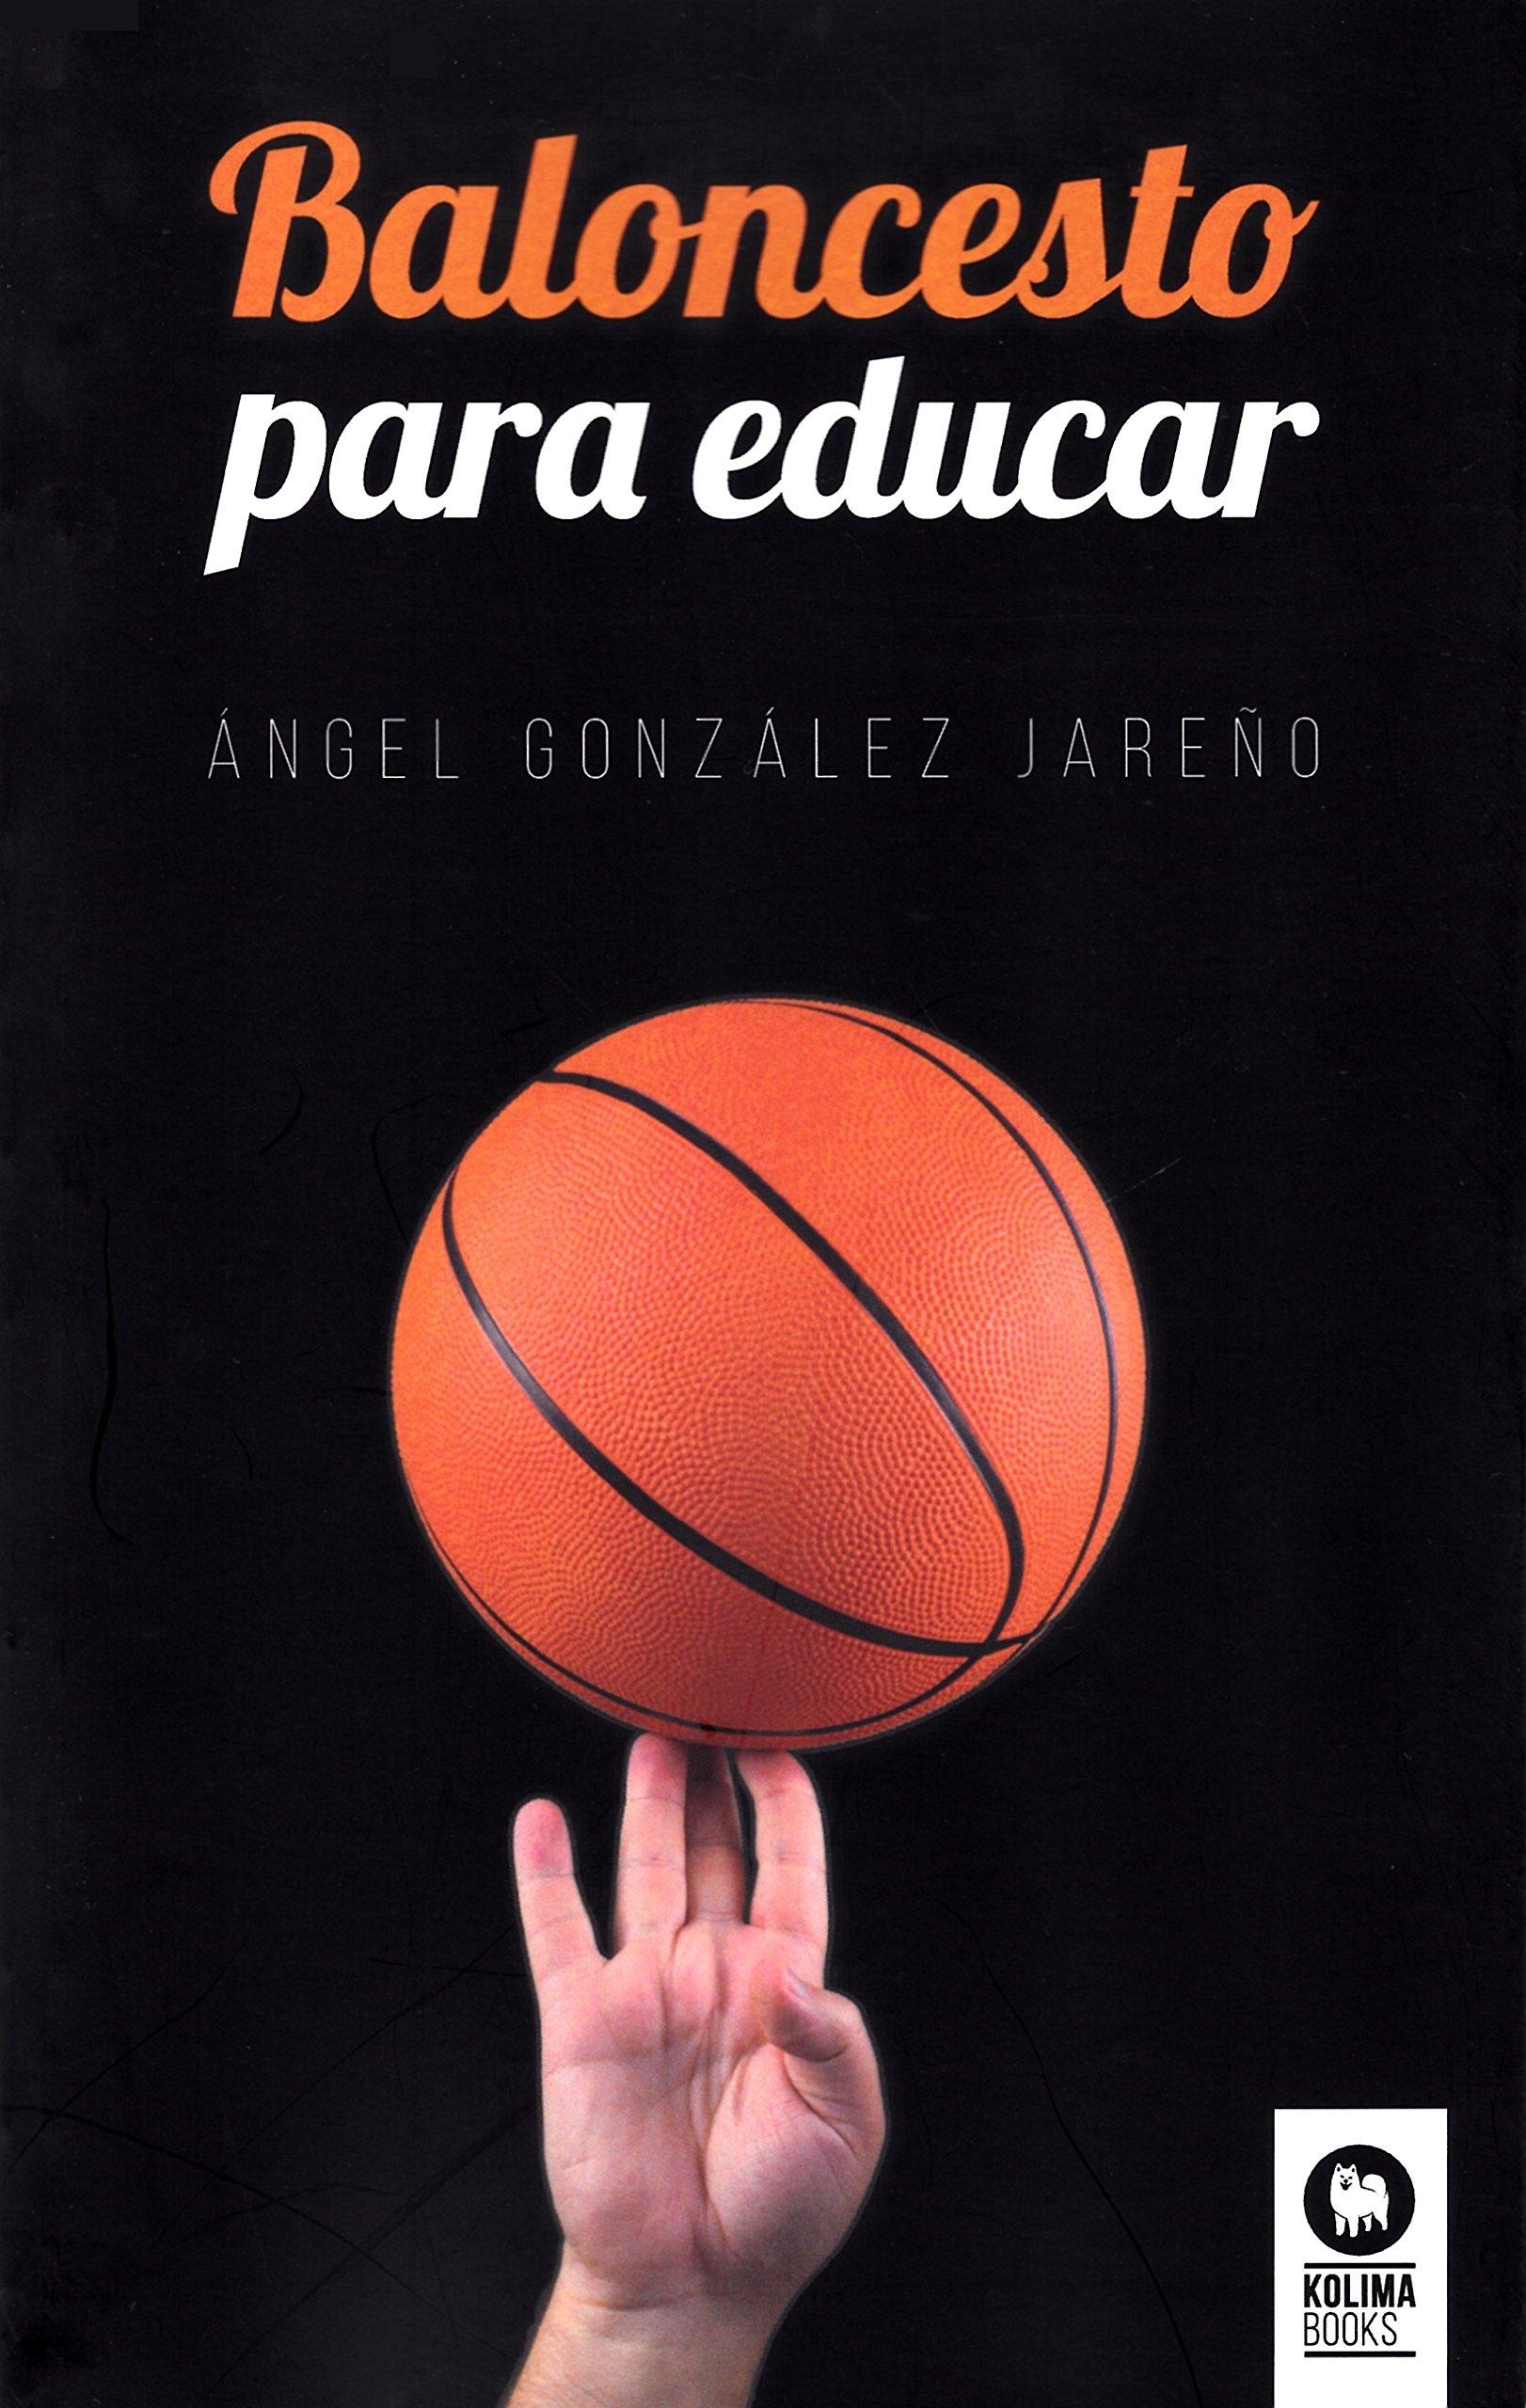 Baloncesto para educar (Lïderes que cambian el mundo): Amazon.es: Ángel González Jareño: Libros